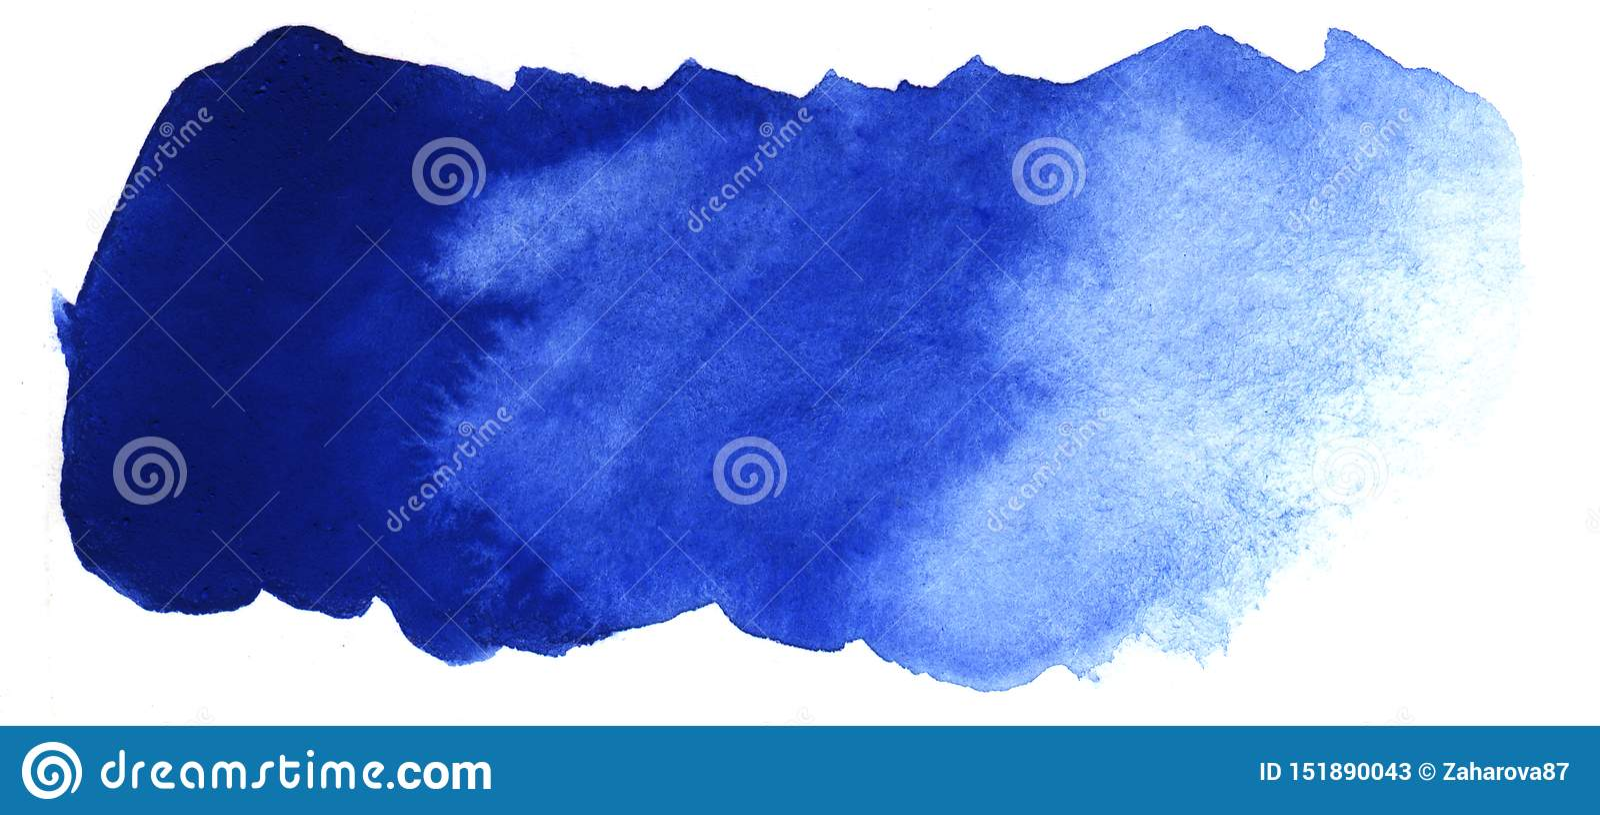 Fondo abstracto del título Un punto oblongo informe del color azul Pendiente de la oscuridad a encenderse